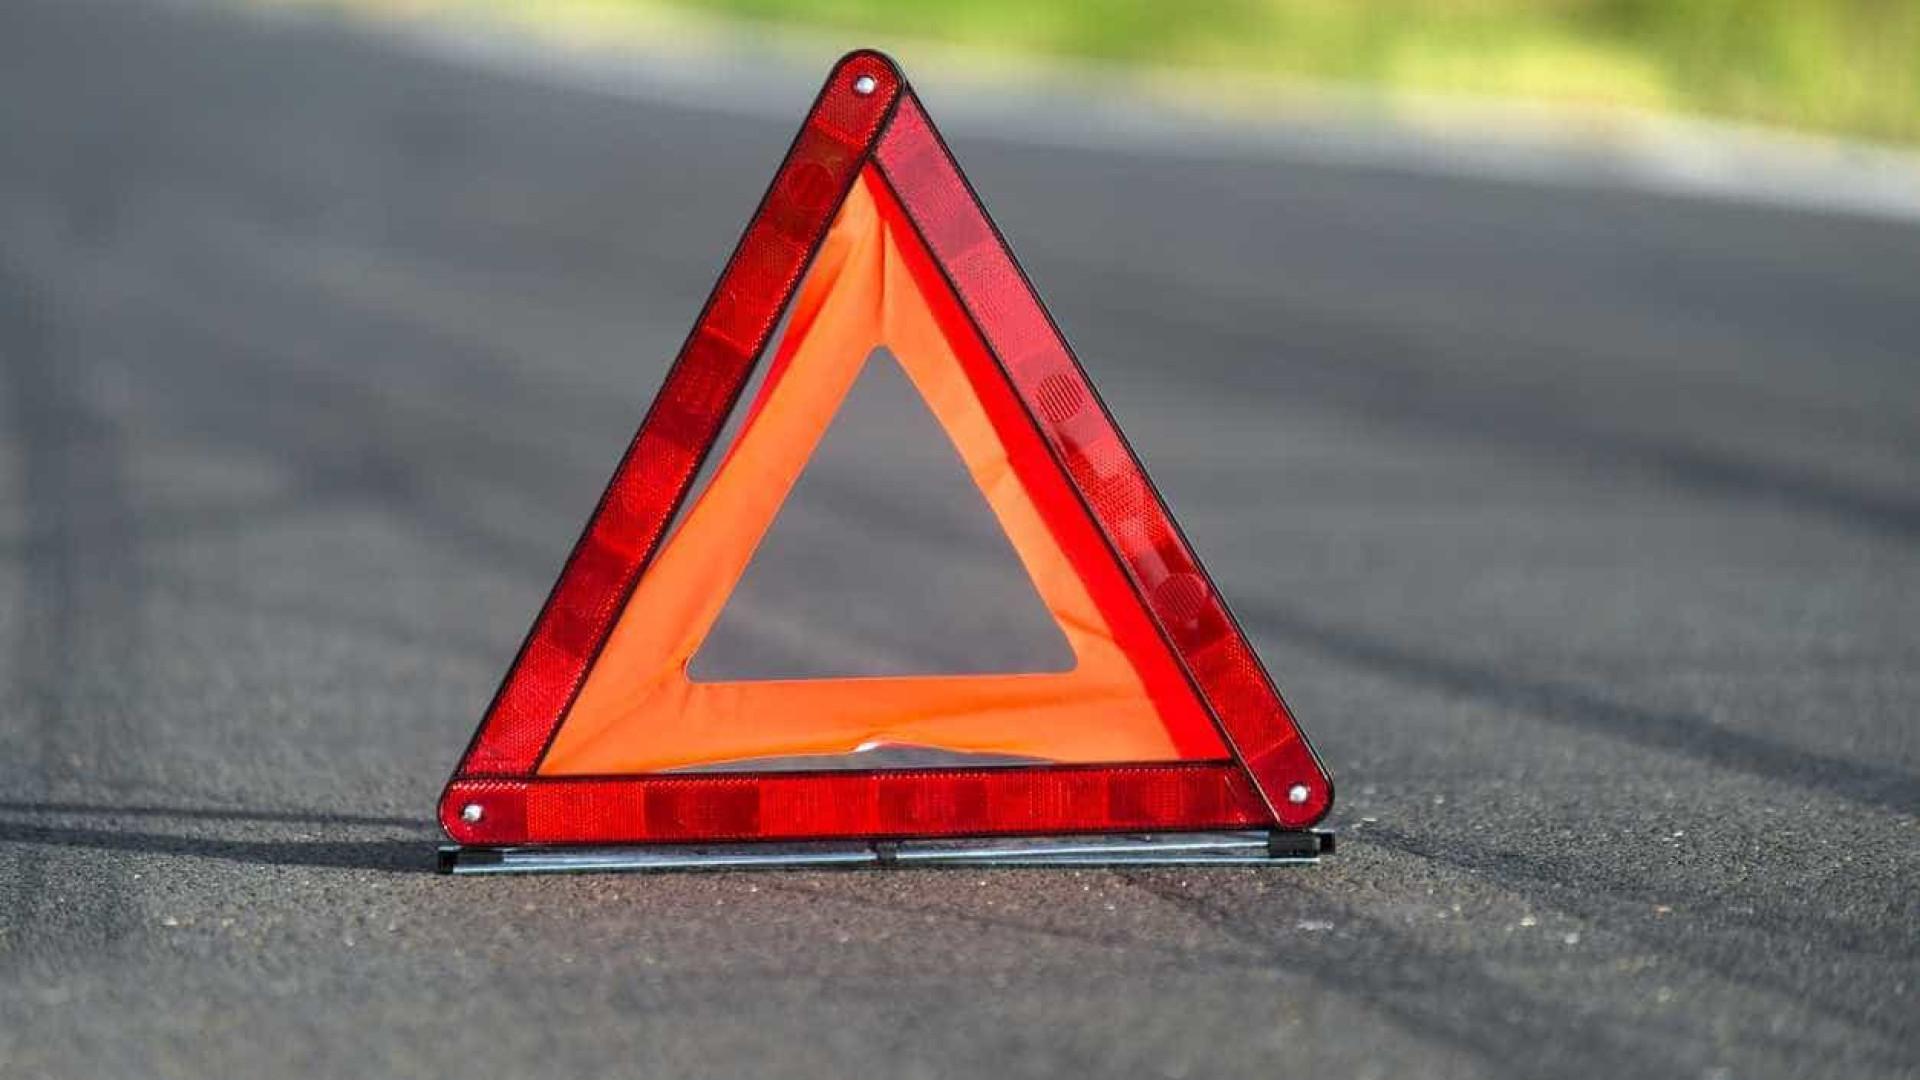 Acidente na A5 causa três feridos ligeiros e congestionamento no trânsito